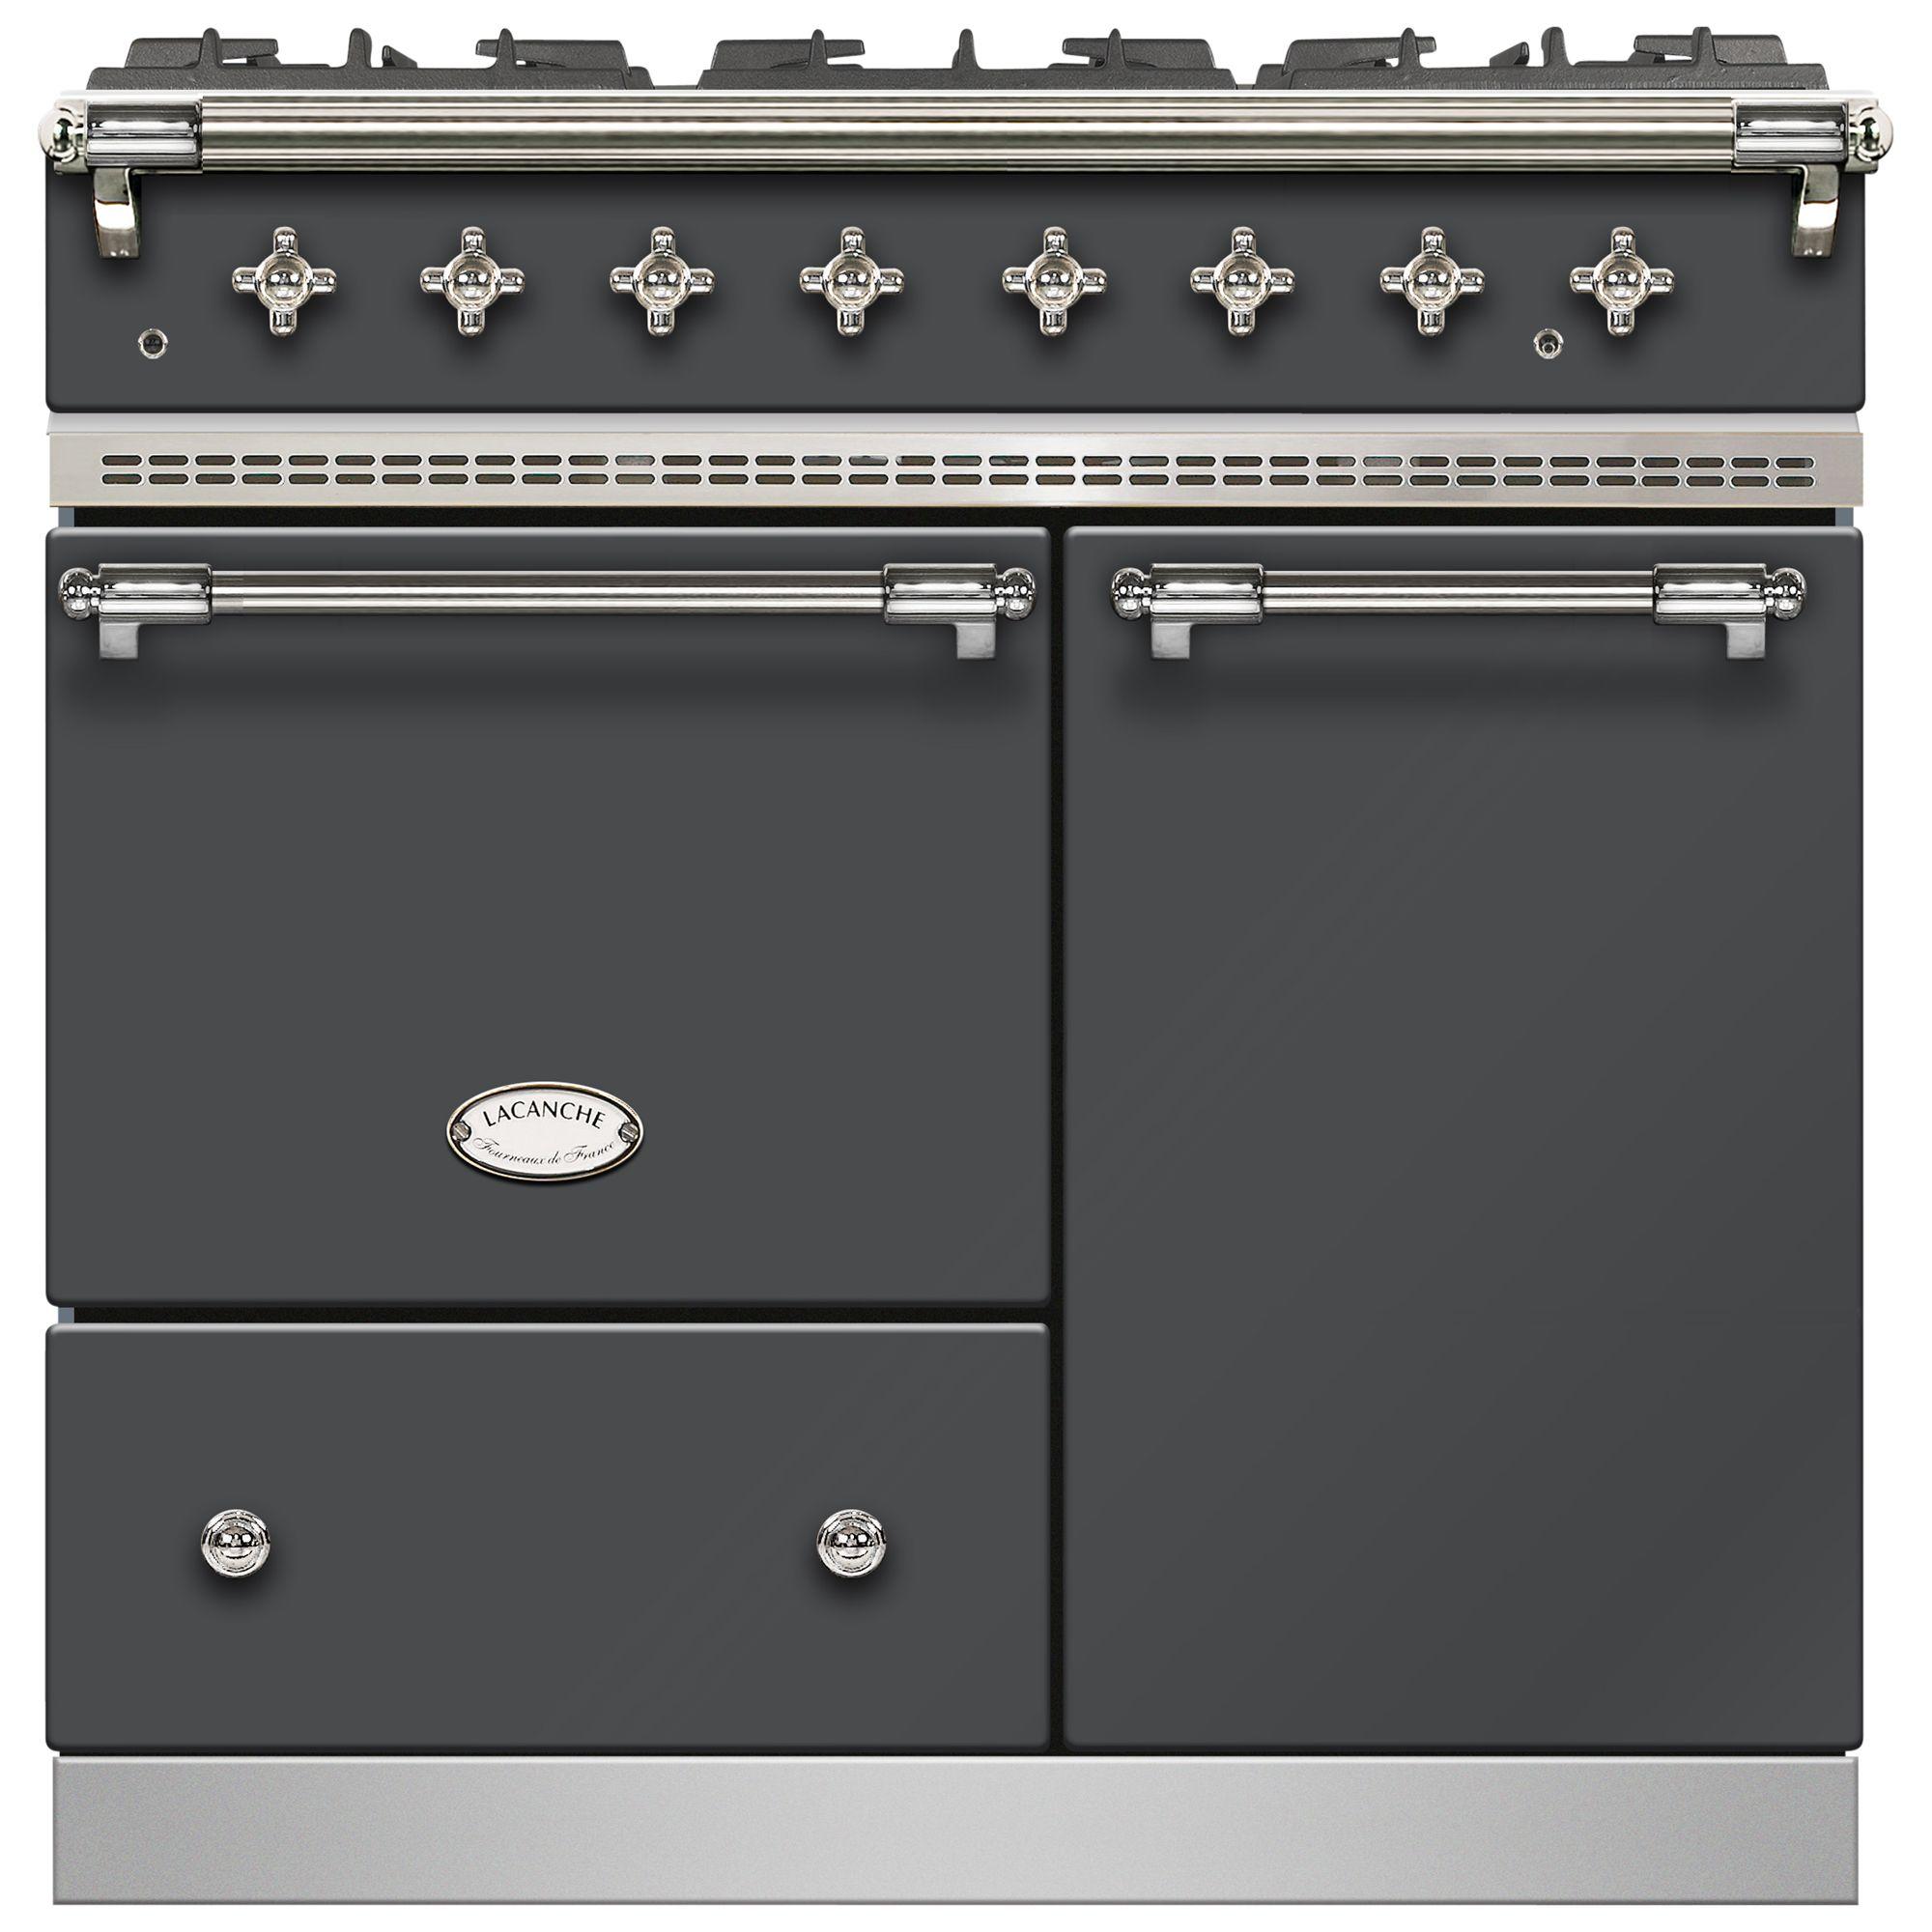 Lacanche Lacanche Beaune LG962GCTDANTCHA Dual Fuel Range Cooker, Anthracite / Chrome Trim